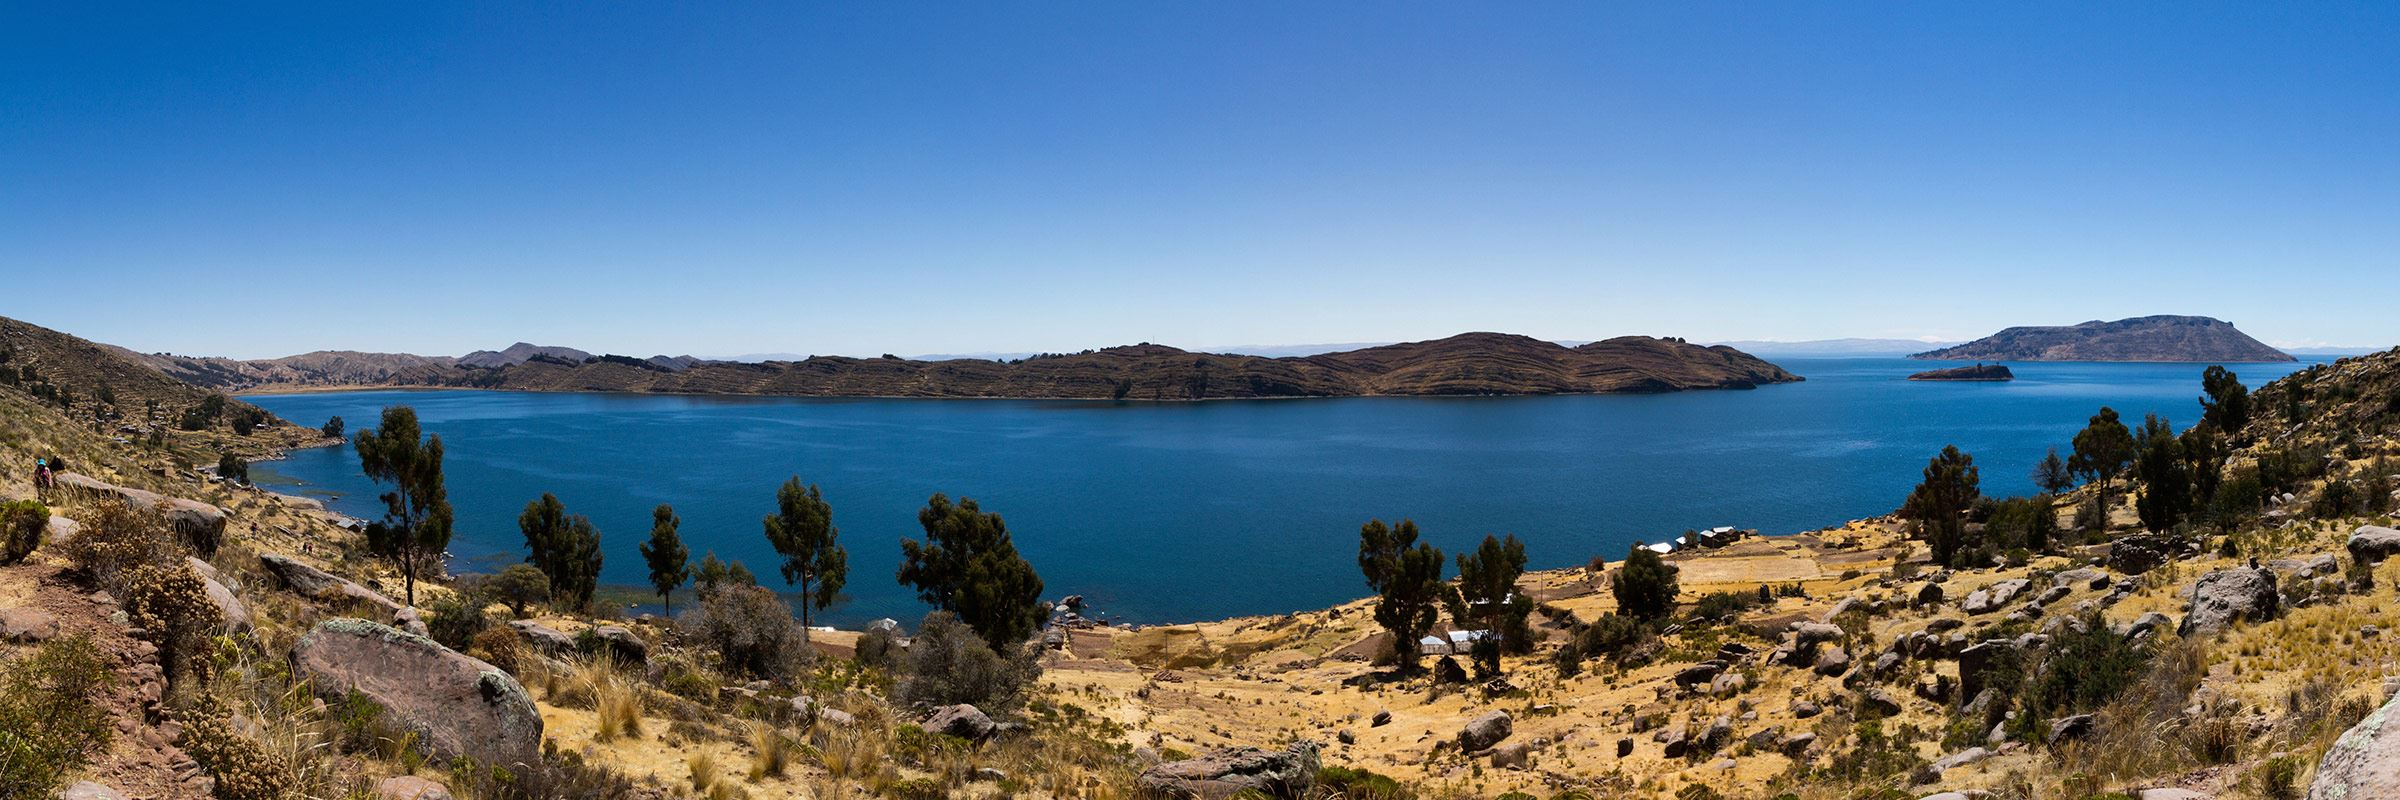 Lake Titicaca turns into kaku